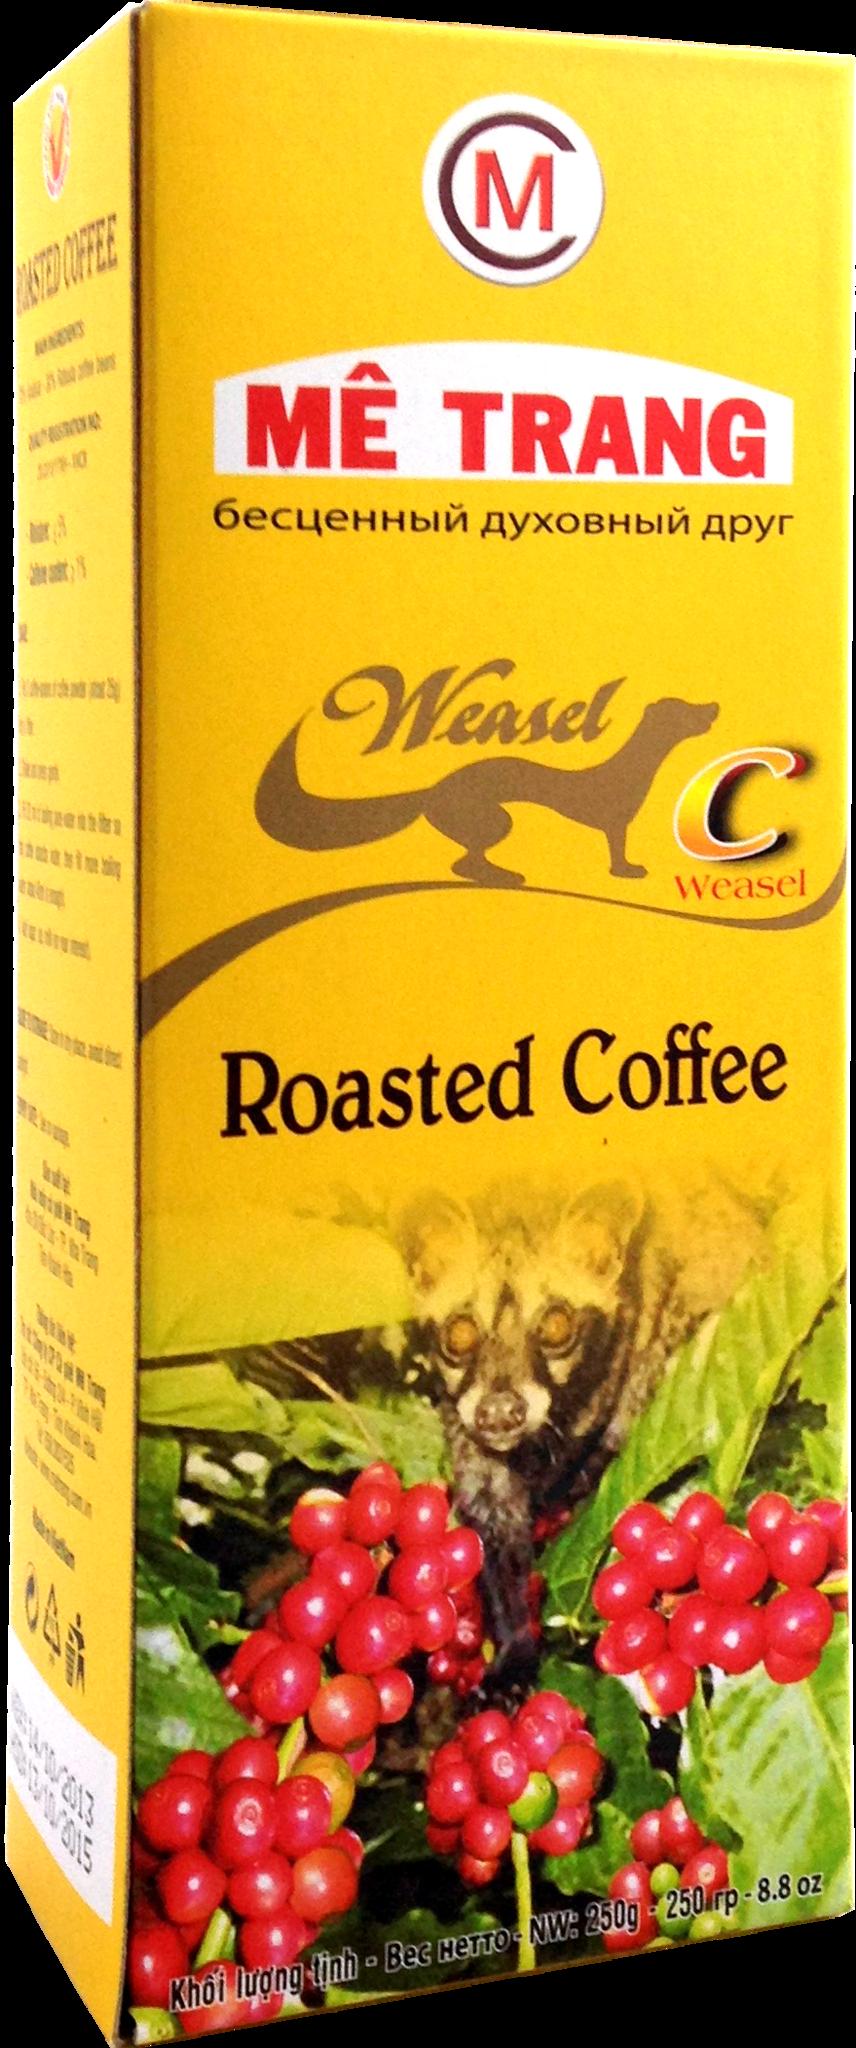 Молотый кофе Me Trang Chon, смесь 2-х сортов, Копи Лювак, 250 гр.